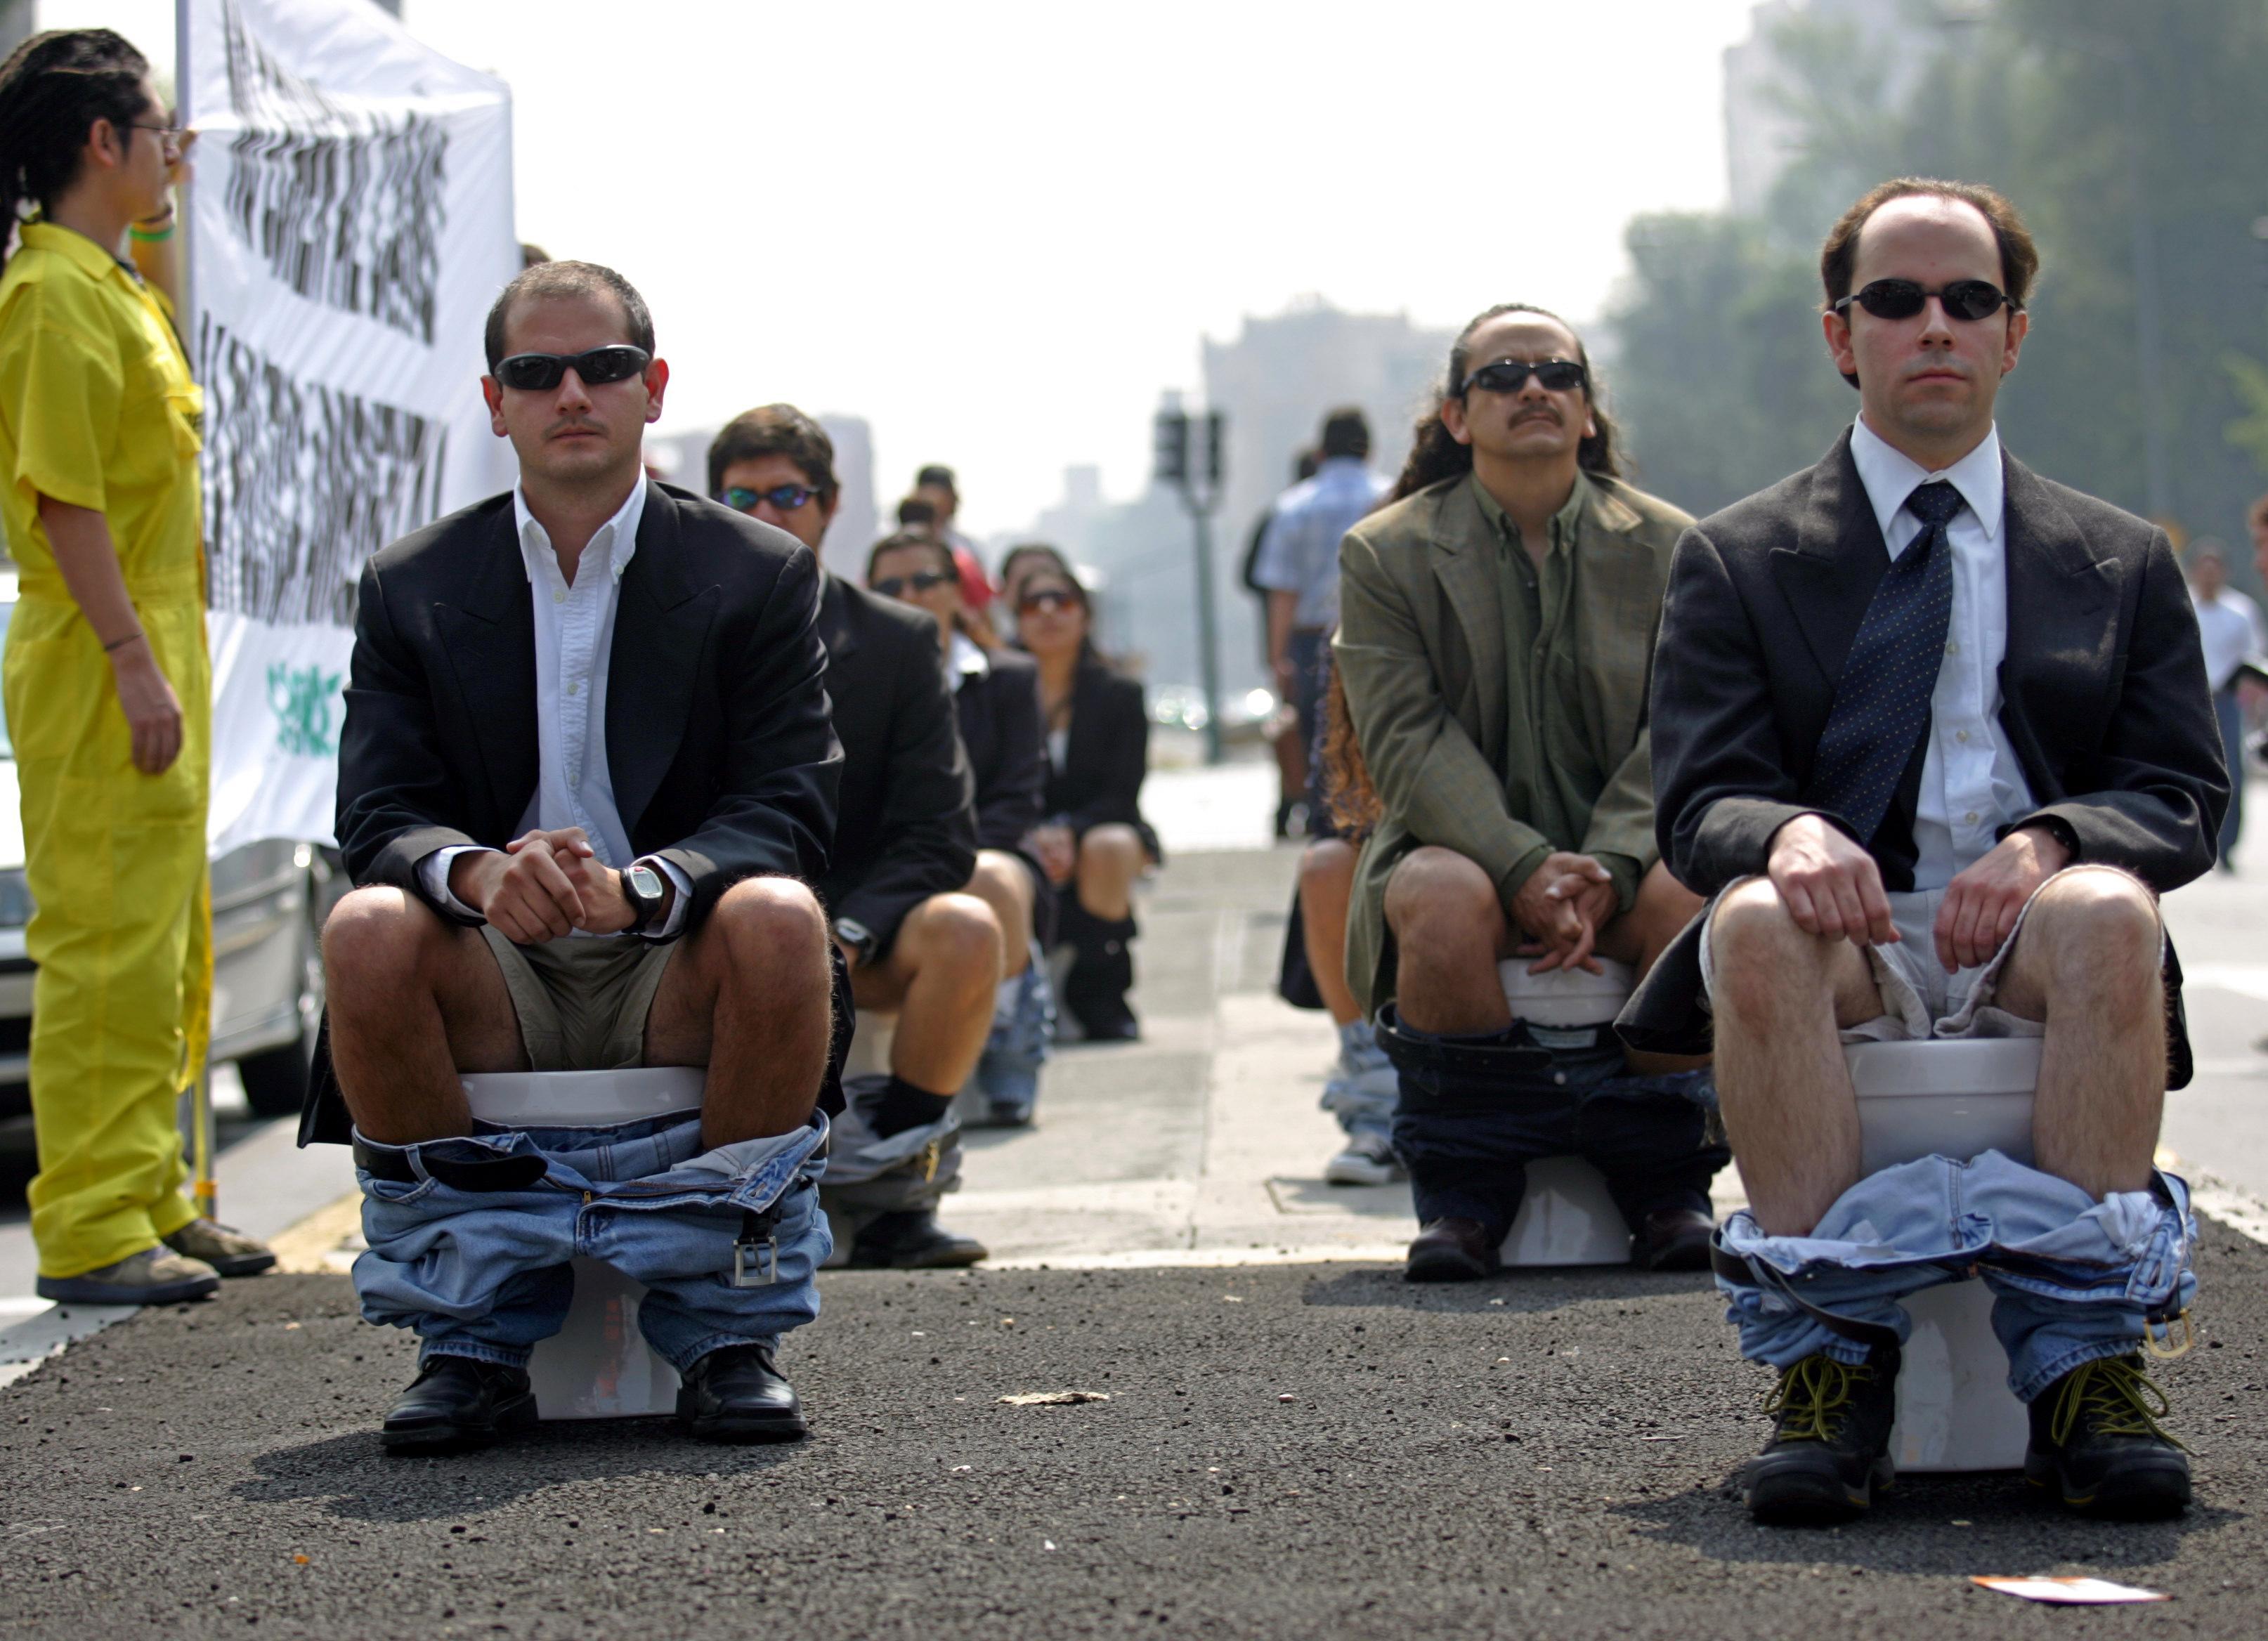 Des militants de Greenpeace protestent contre la politique environnementale du gouvernement mexicain en 2006 © FP PHOTO/Juan BARRETO